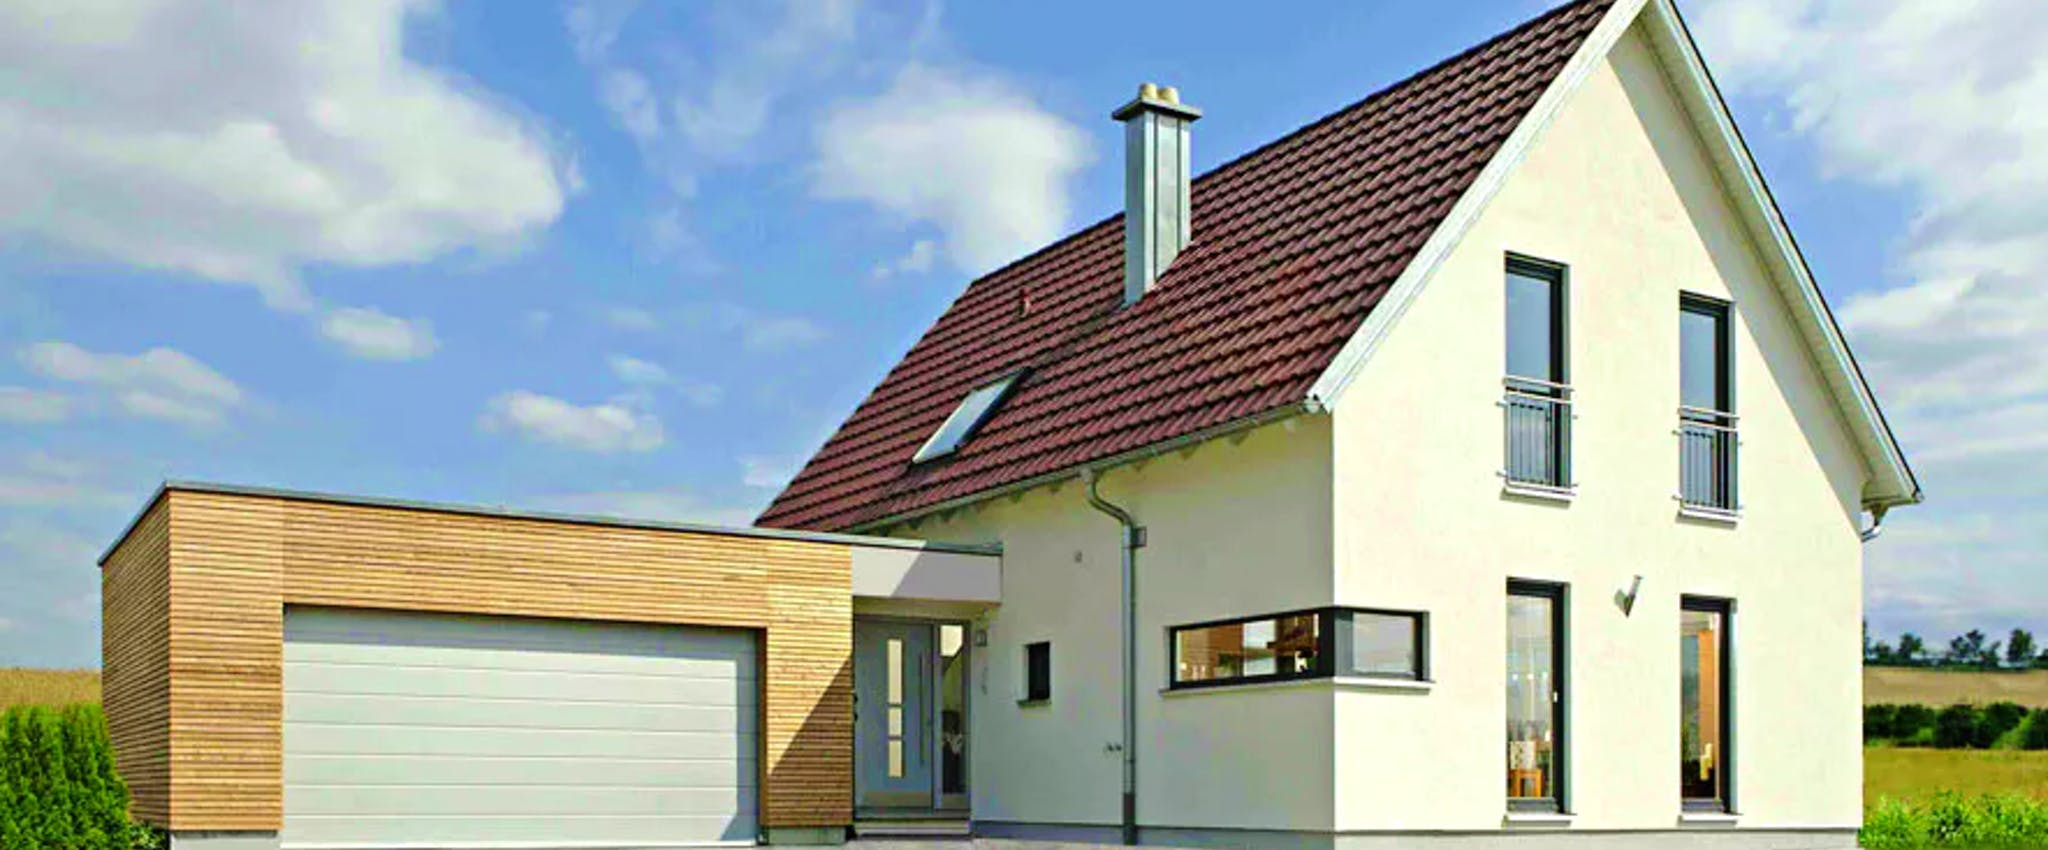 Bevorzugt Ein Haus mit Garage planen & bauen - Häuser & Infos   Fertighaus.de IY21